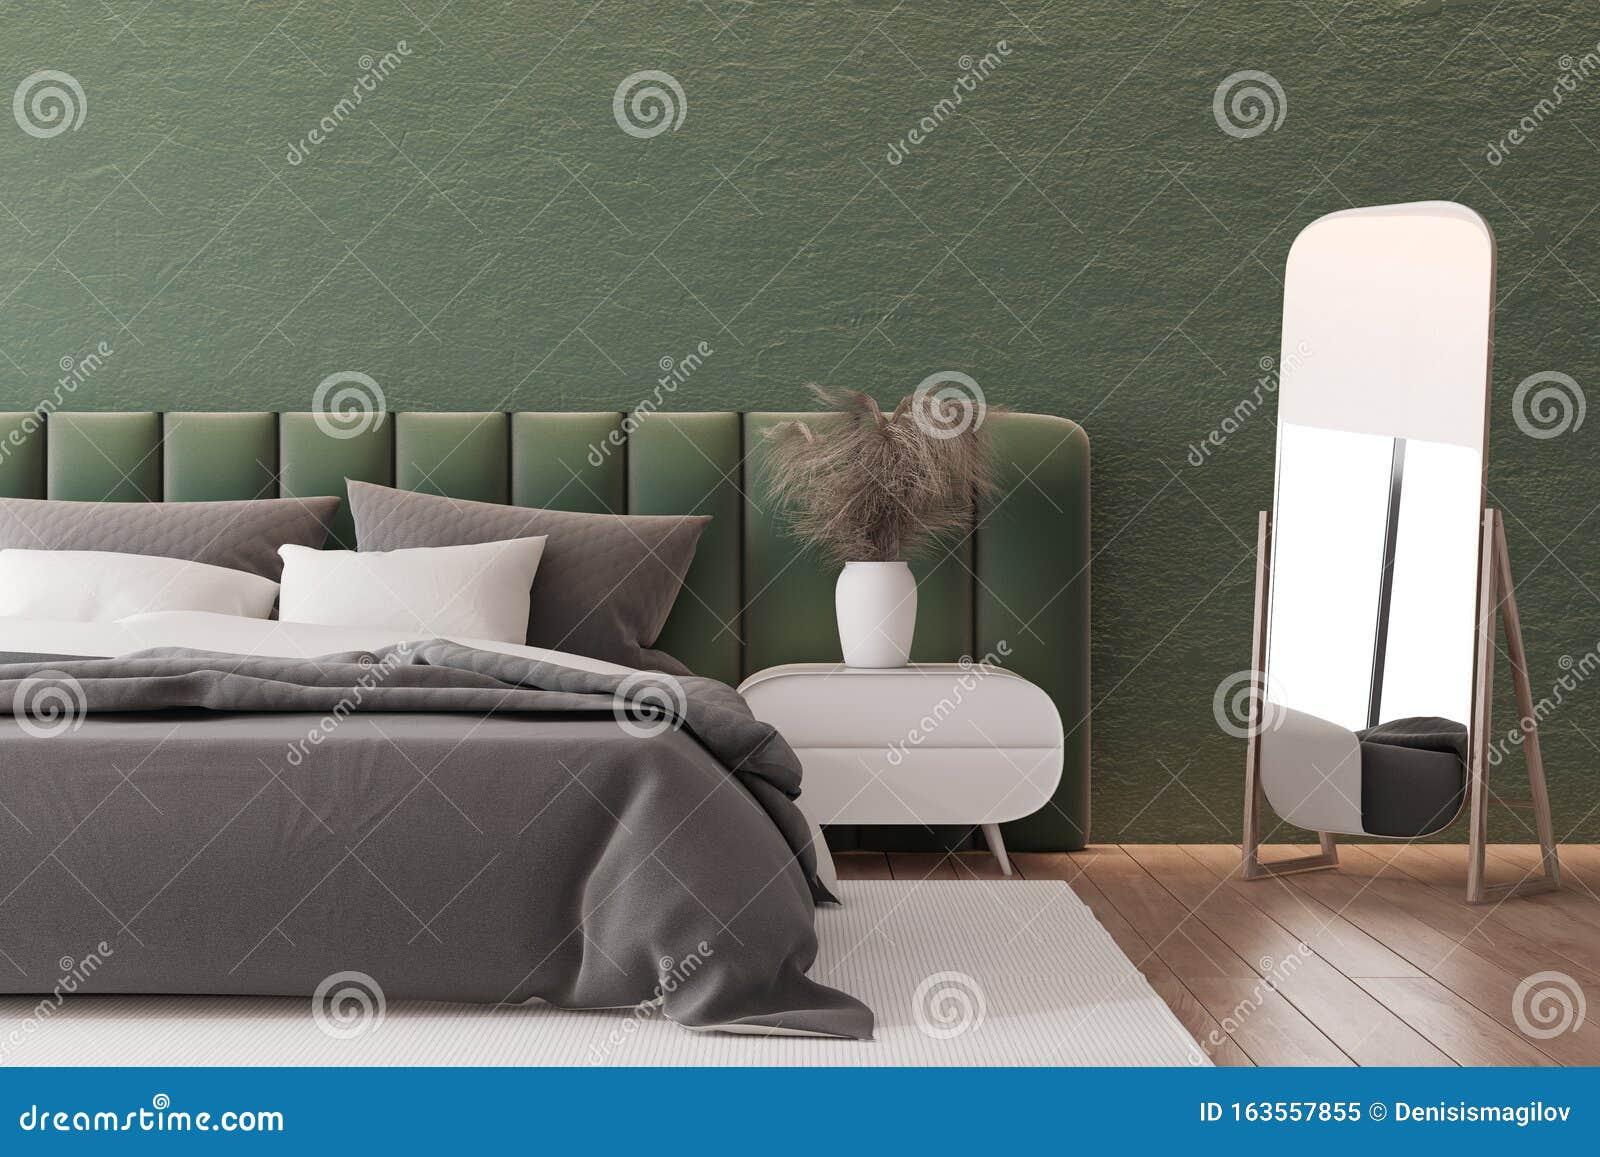 Dark Green Bedroom Interior With Mirror Stock Illustration Illustration Of Bedside Mansion 163557855